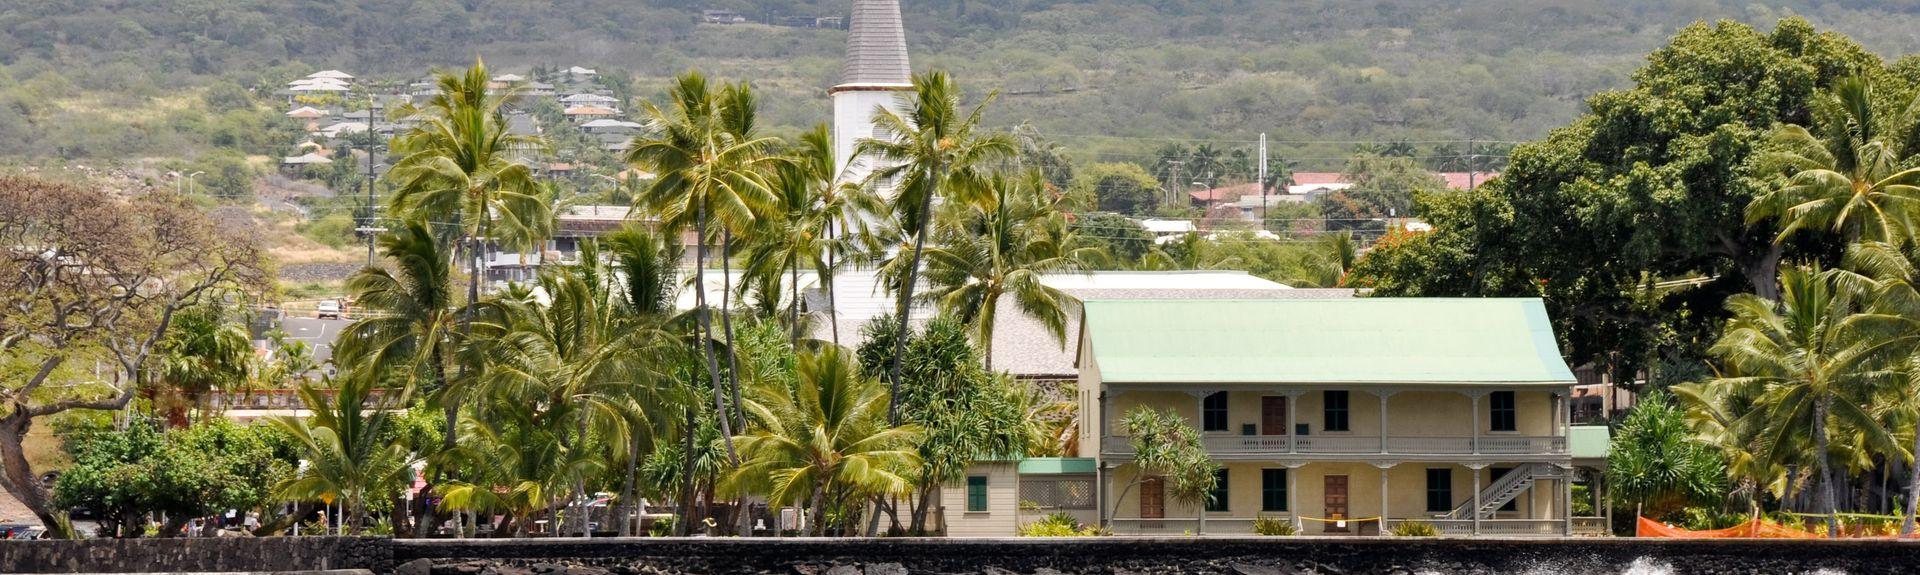 Kailua Beach, Kailua, Hawaï, Verenigde Staten